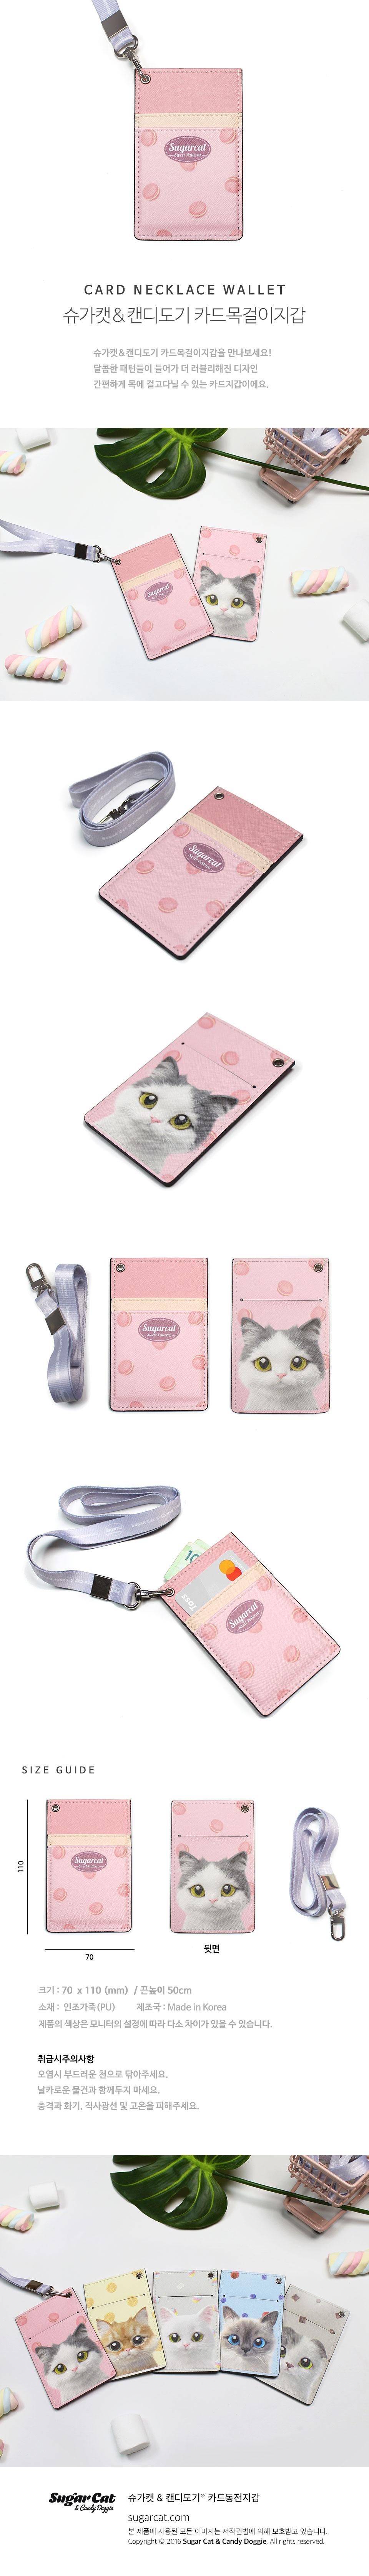 달이의 마카롱 카드목걸이지갑 - 슈가캣 캔디도기, 15,000원, 동전/카드지갑, 목걸이형카드지갑